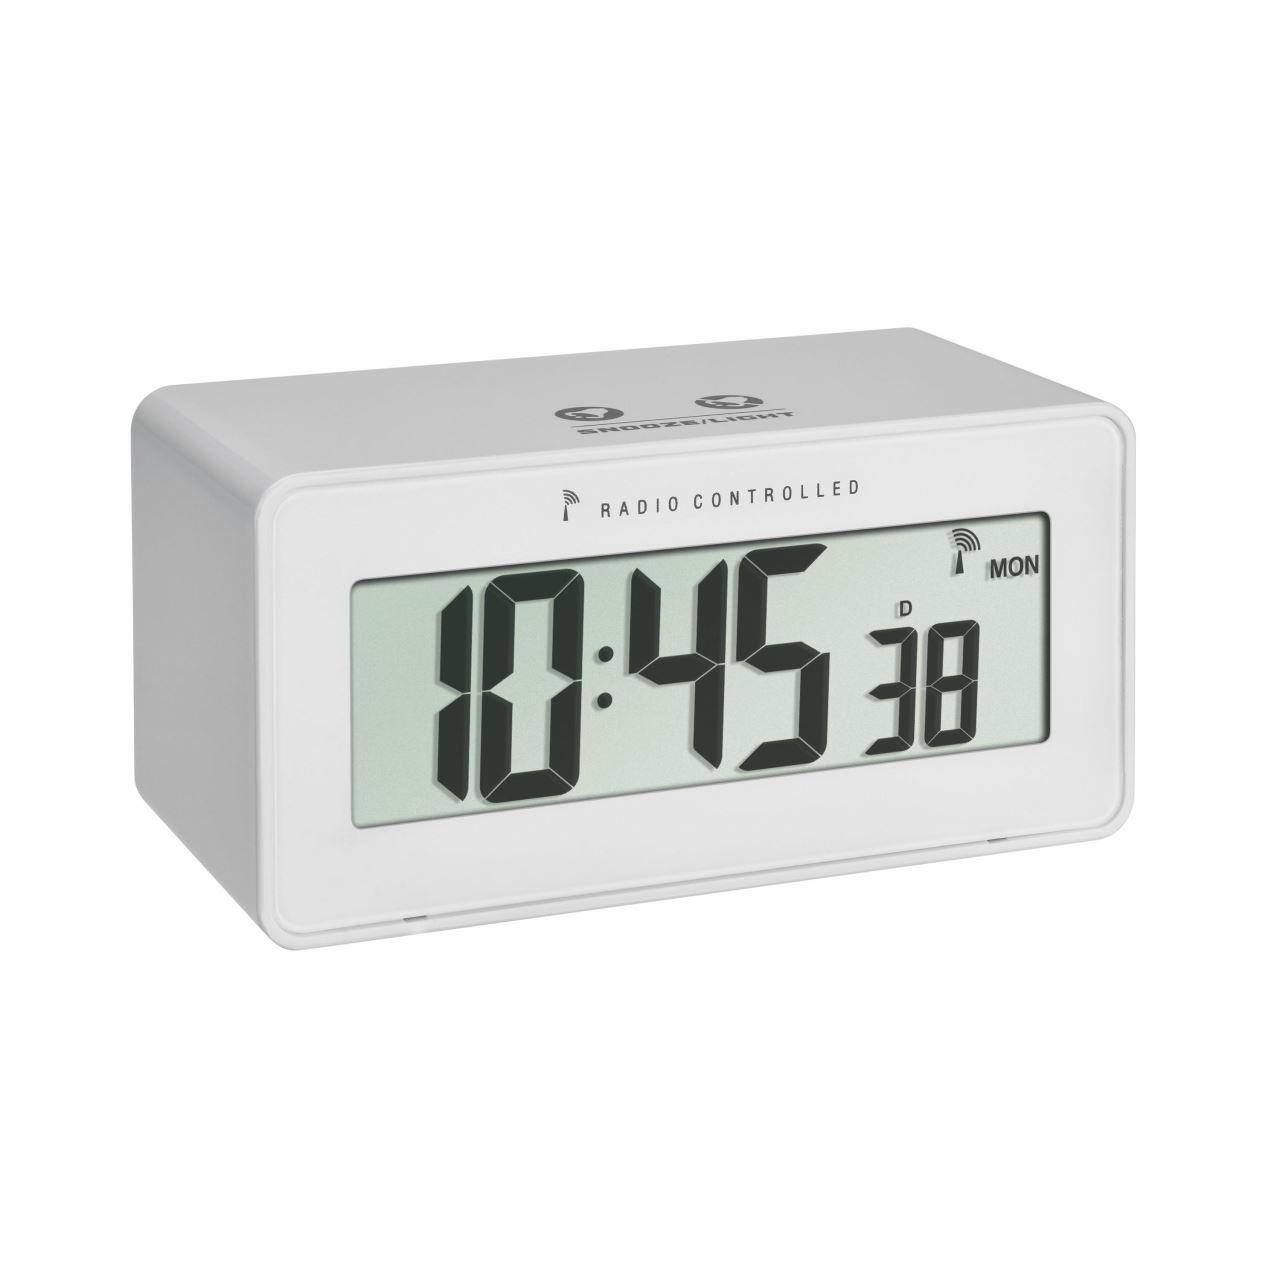 Termometru si higrometru cu ceas si ecran LCD iluminat TFA 60.2544.02 imagine